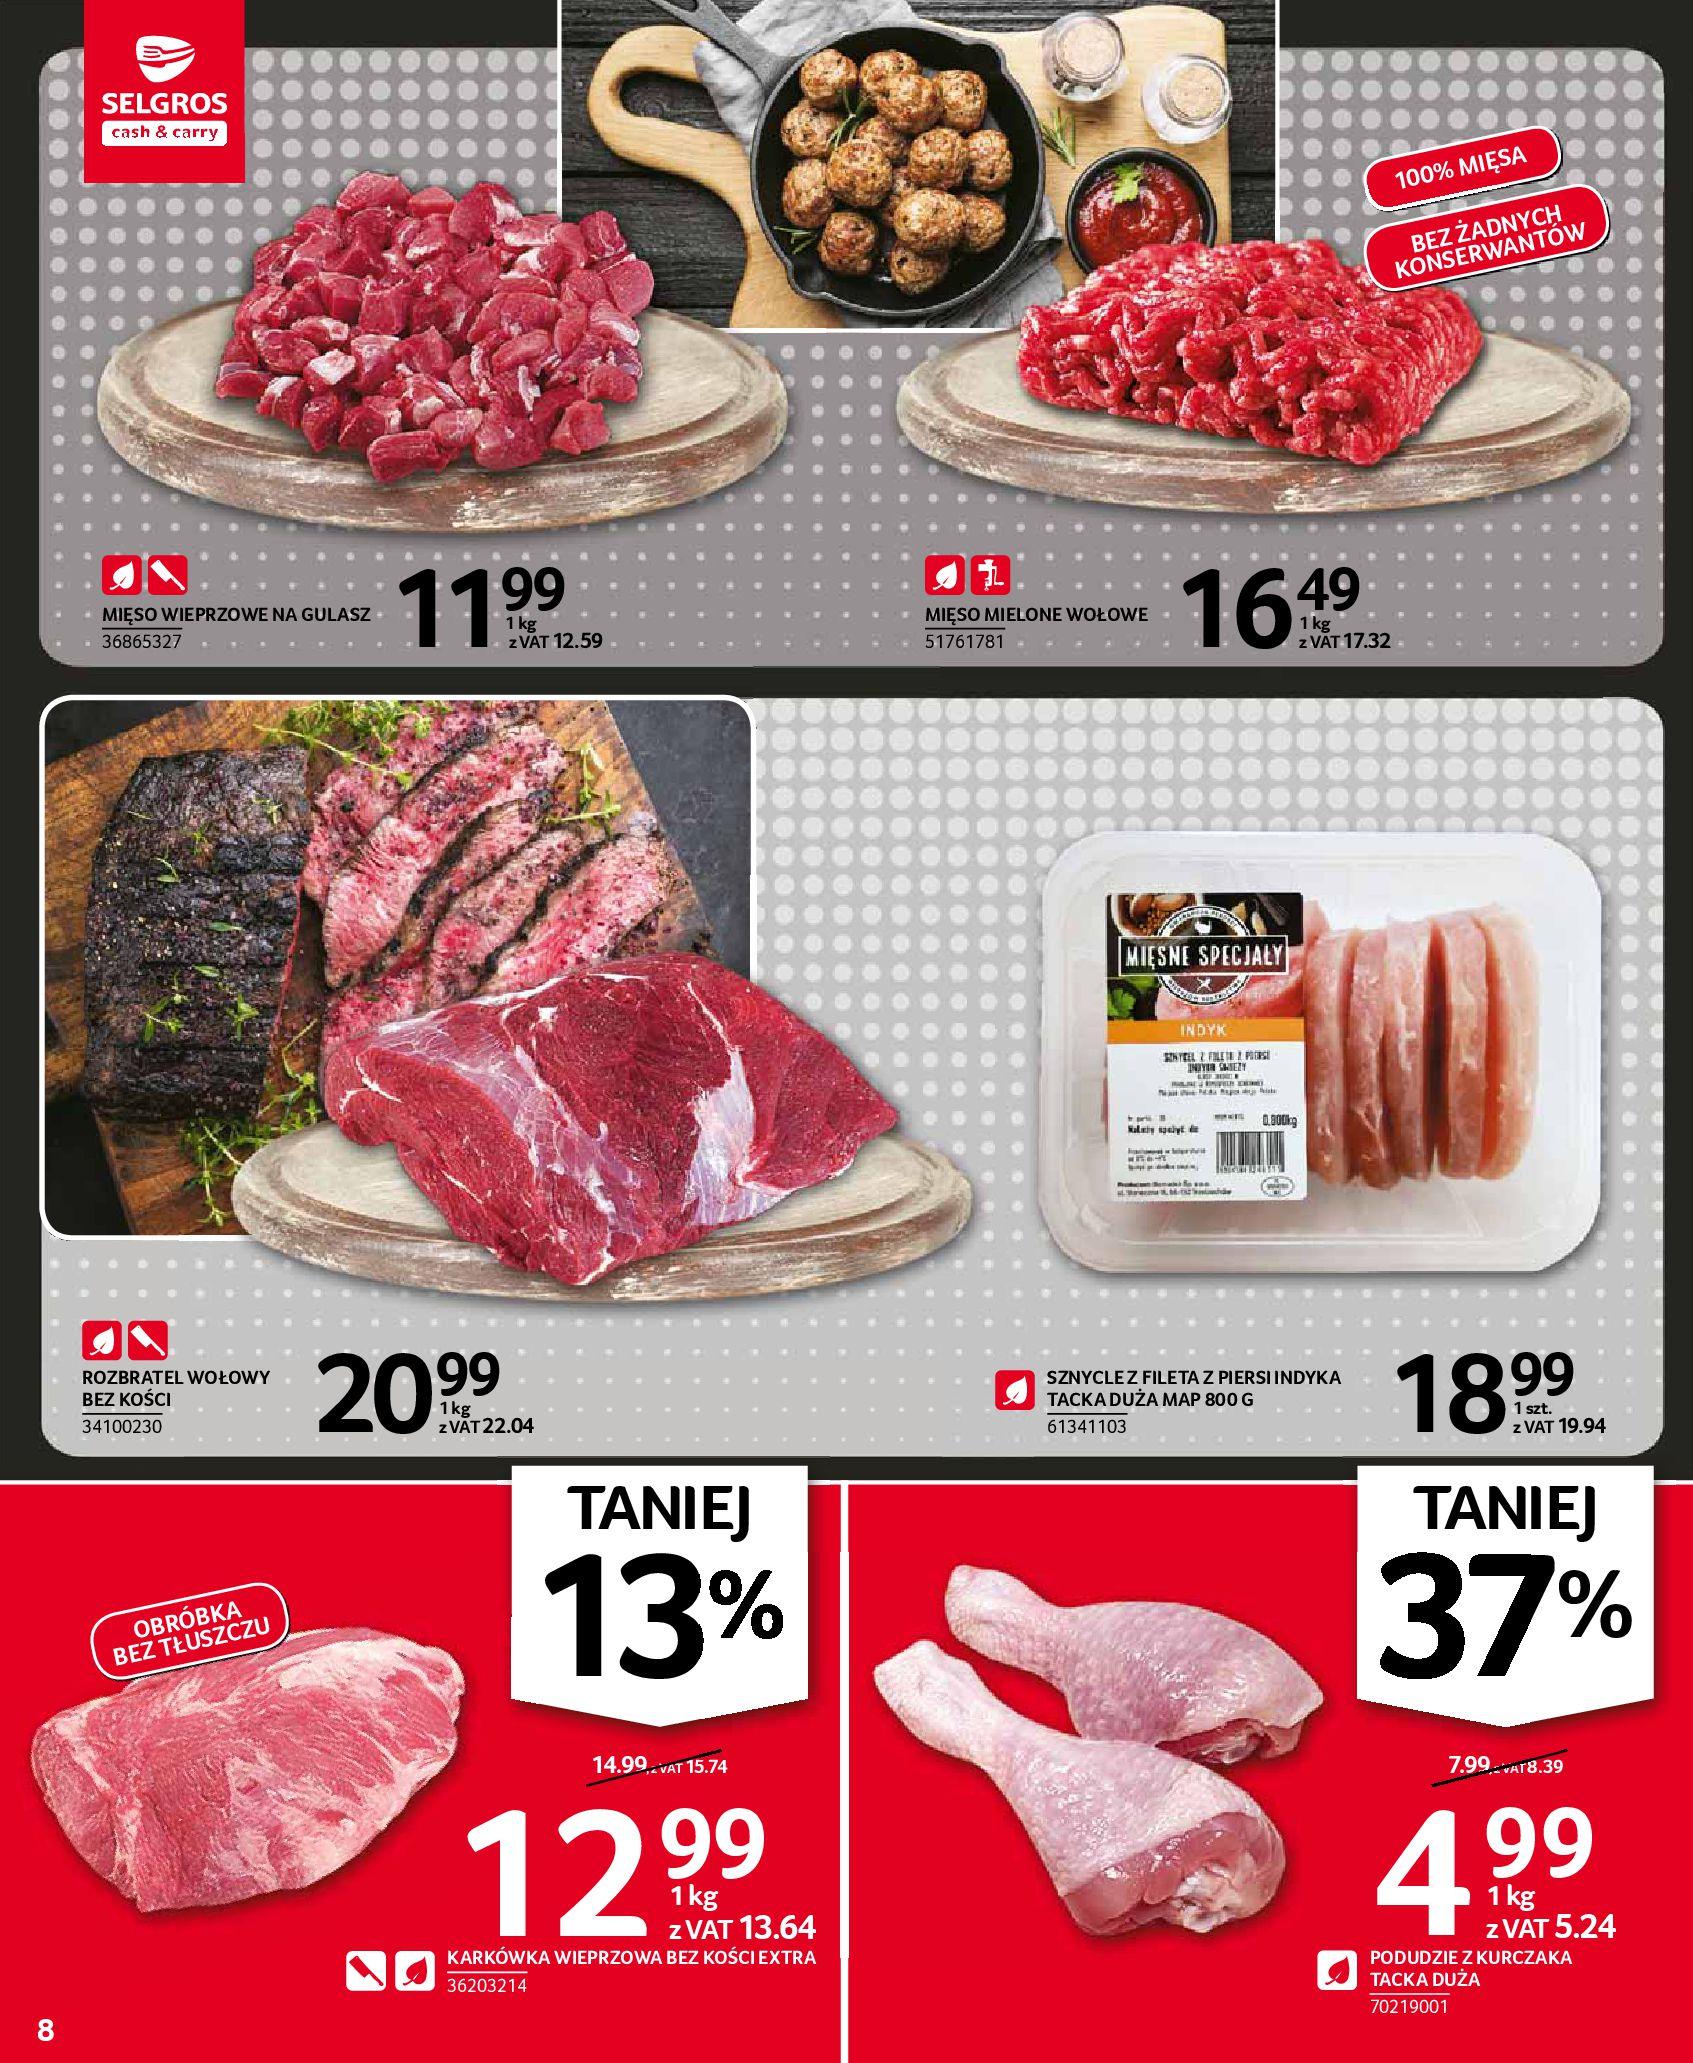 Gazetka Selgros: Oferta spożywcza 2021-01-07 page-8